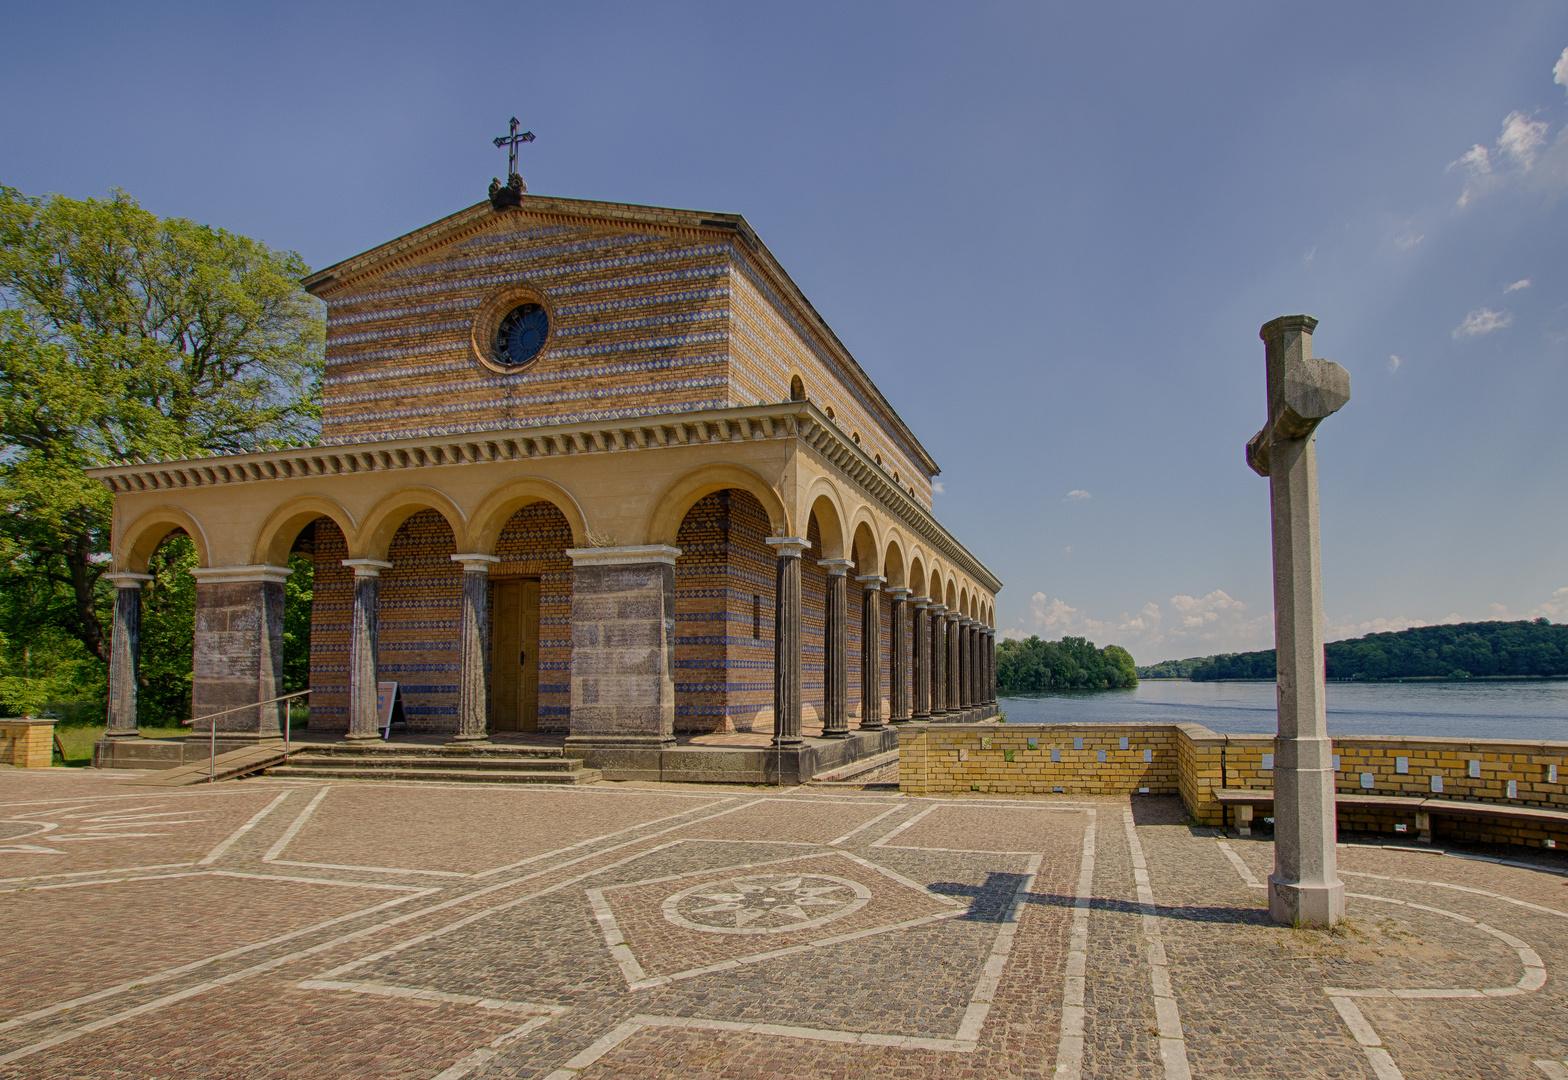 Heilandskirche am Port von Sacrow. Die 2te